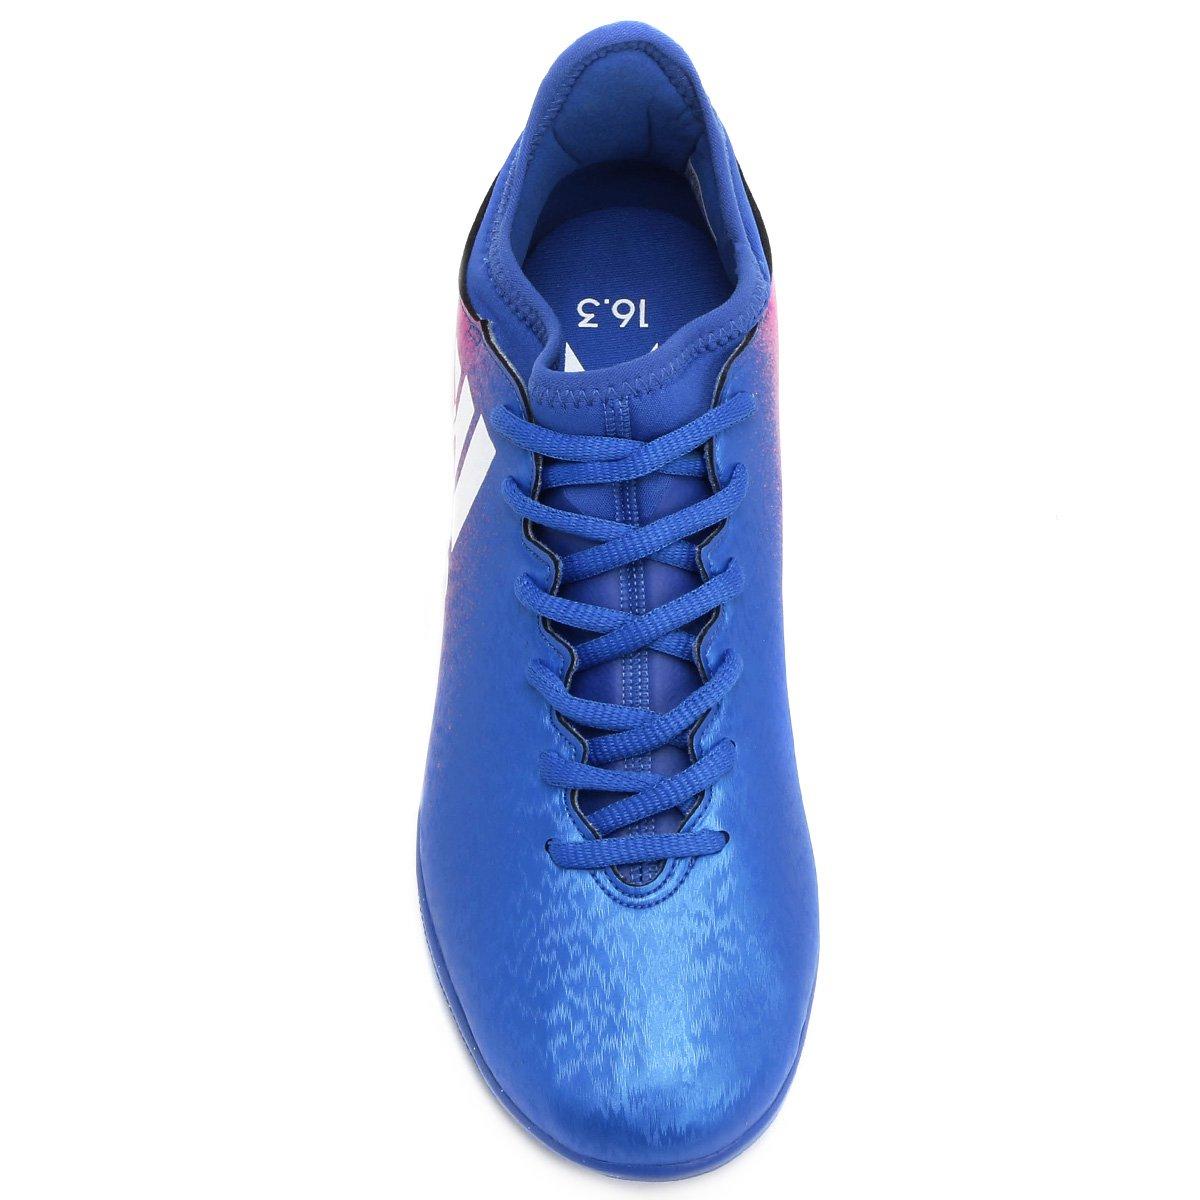 f2a12aa645 Chuteira Futsal Adidas X 16.3 IN - Compre Agora